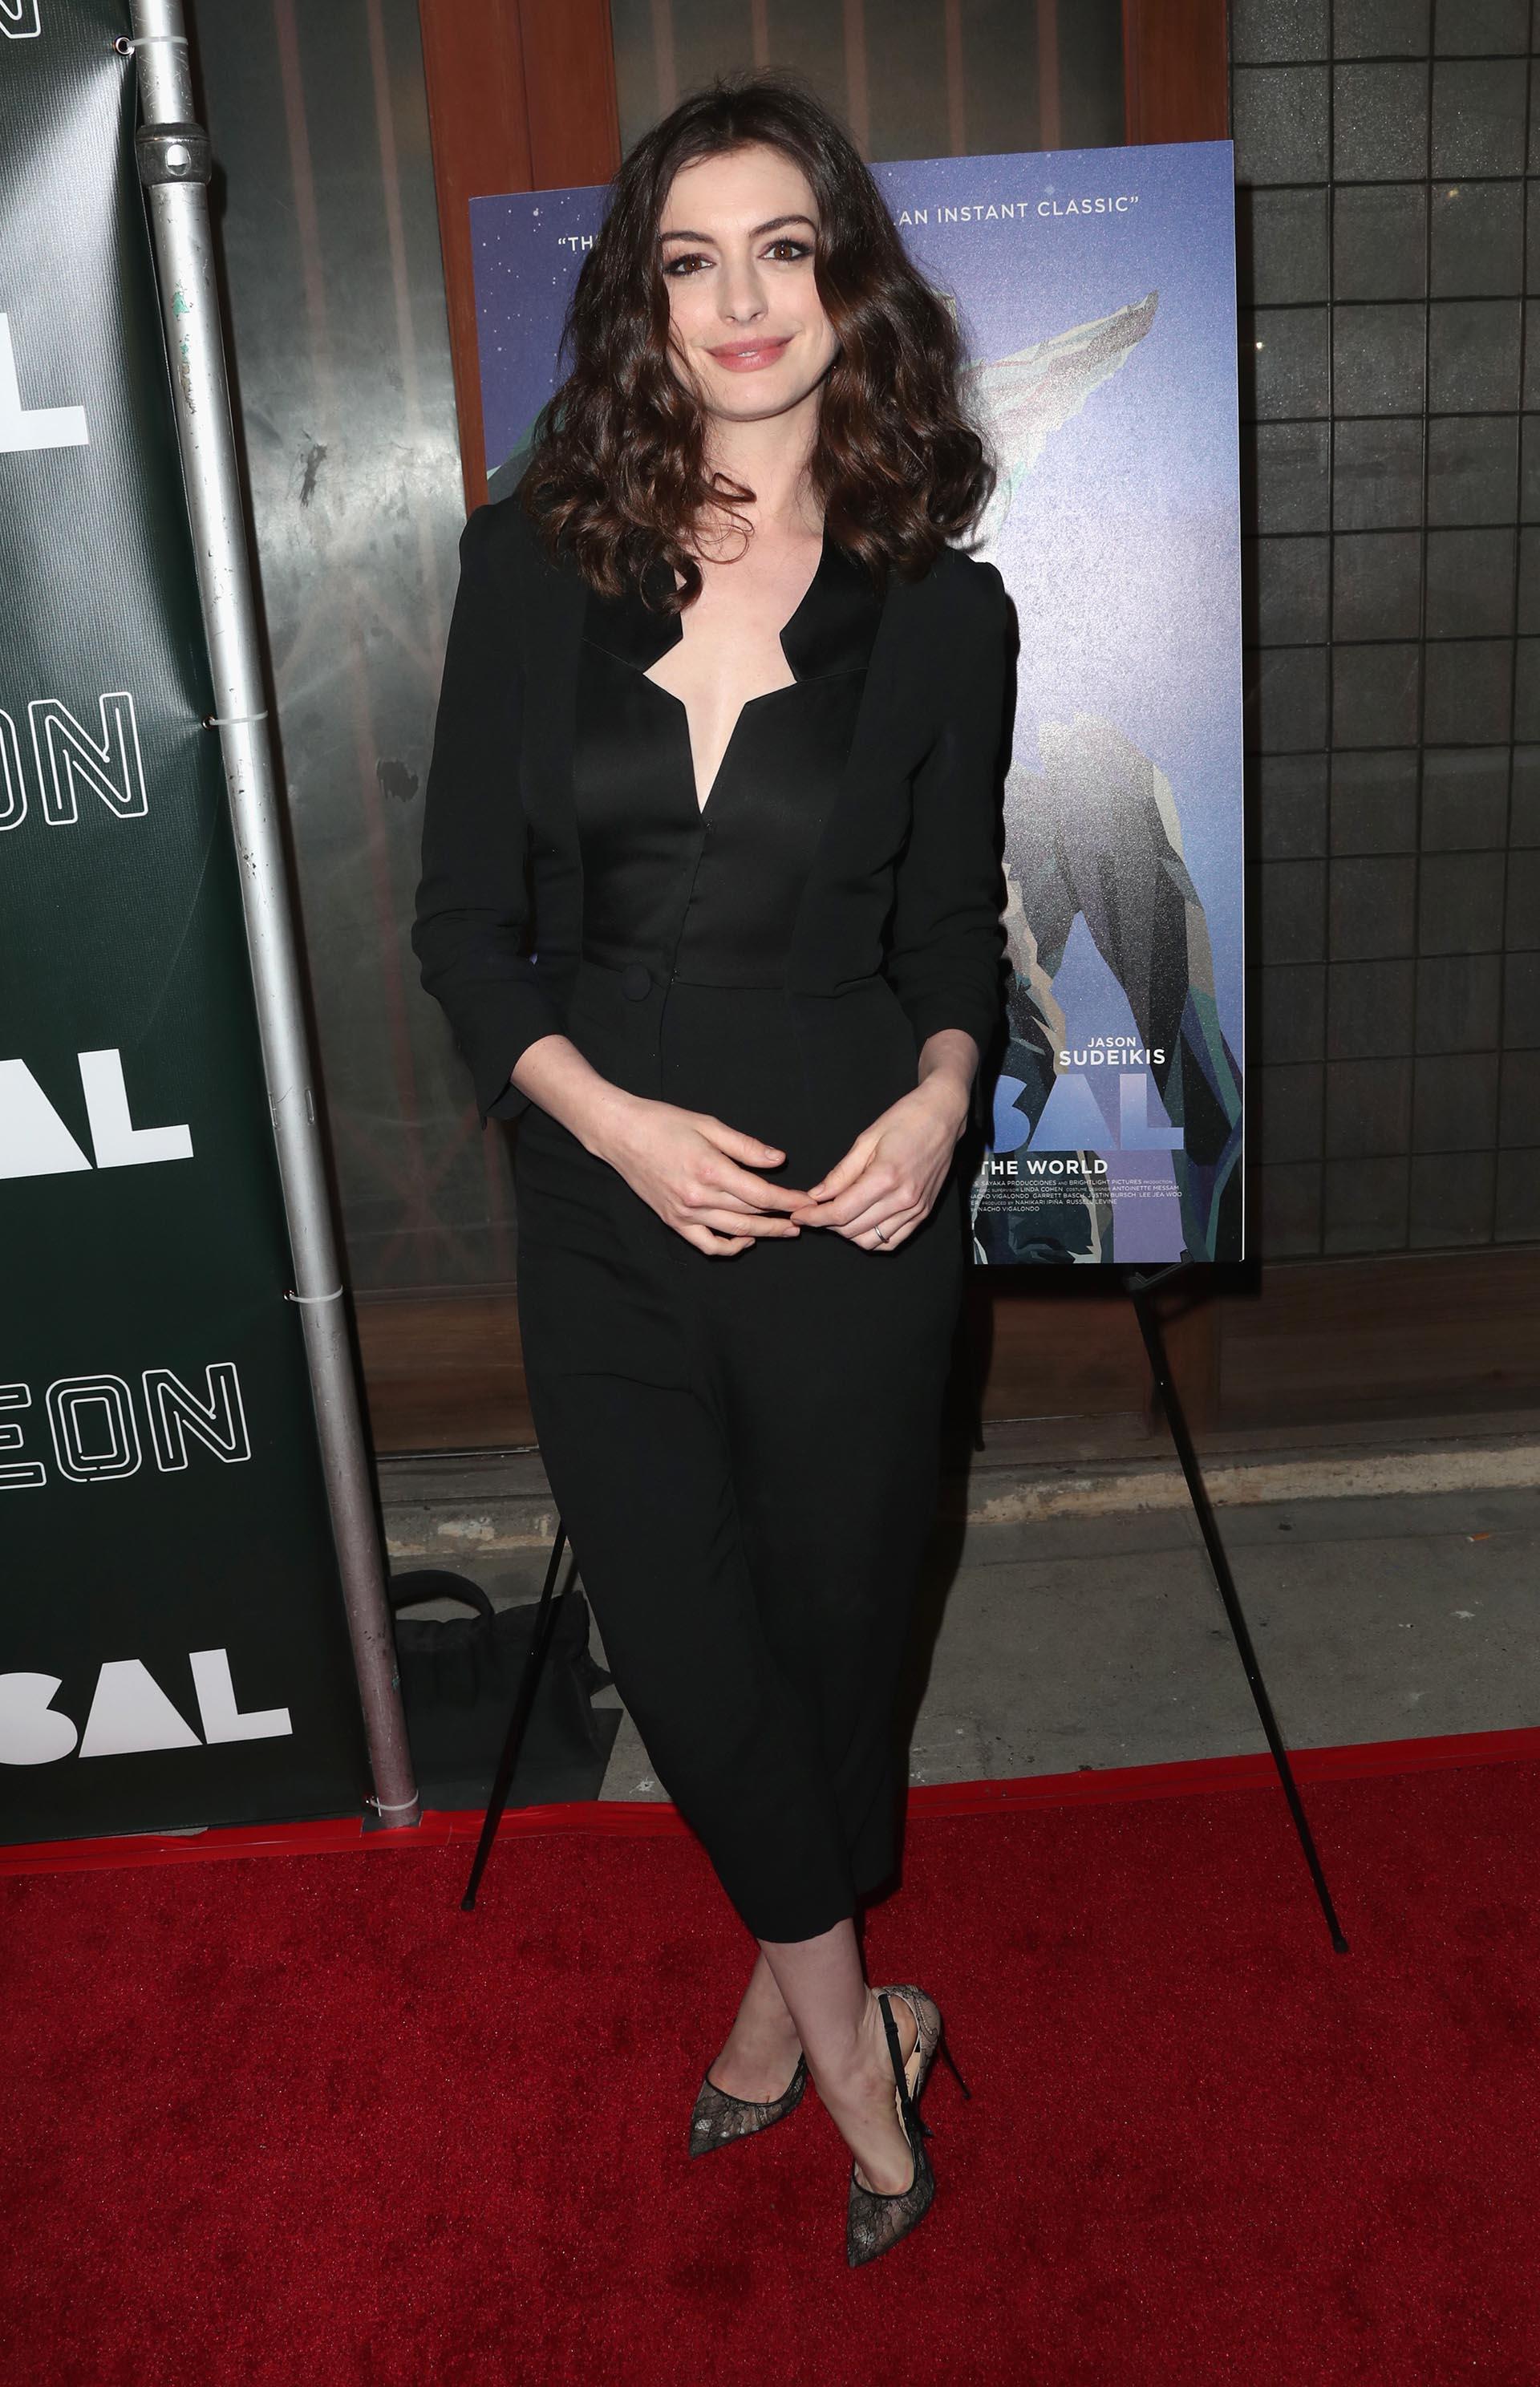 Vestida con un elegante entero negro y stilettos con transparencias, se lució con un estilo formal y refinado